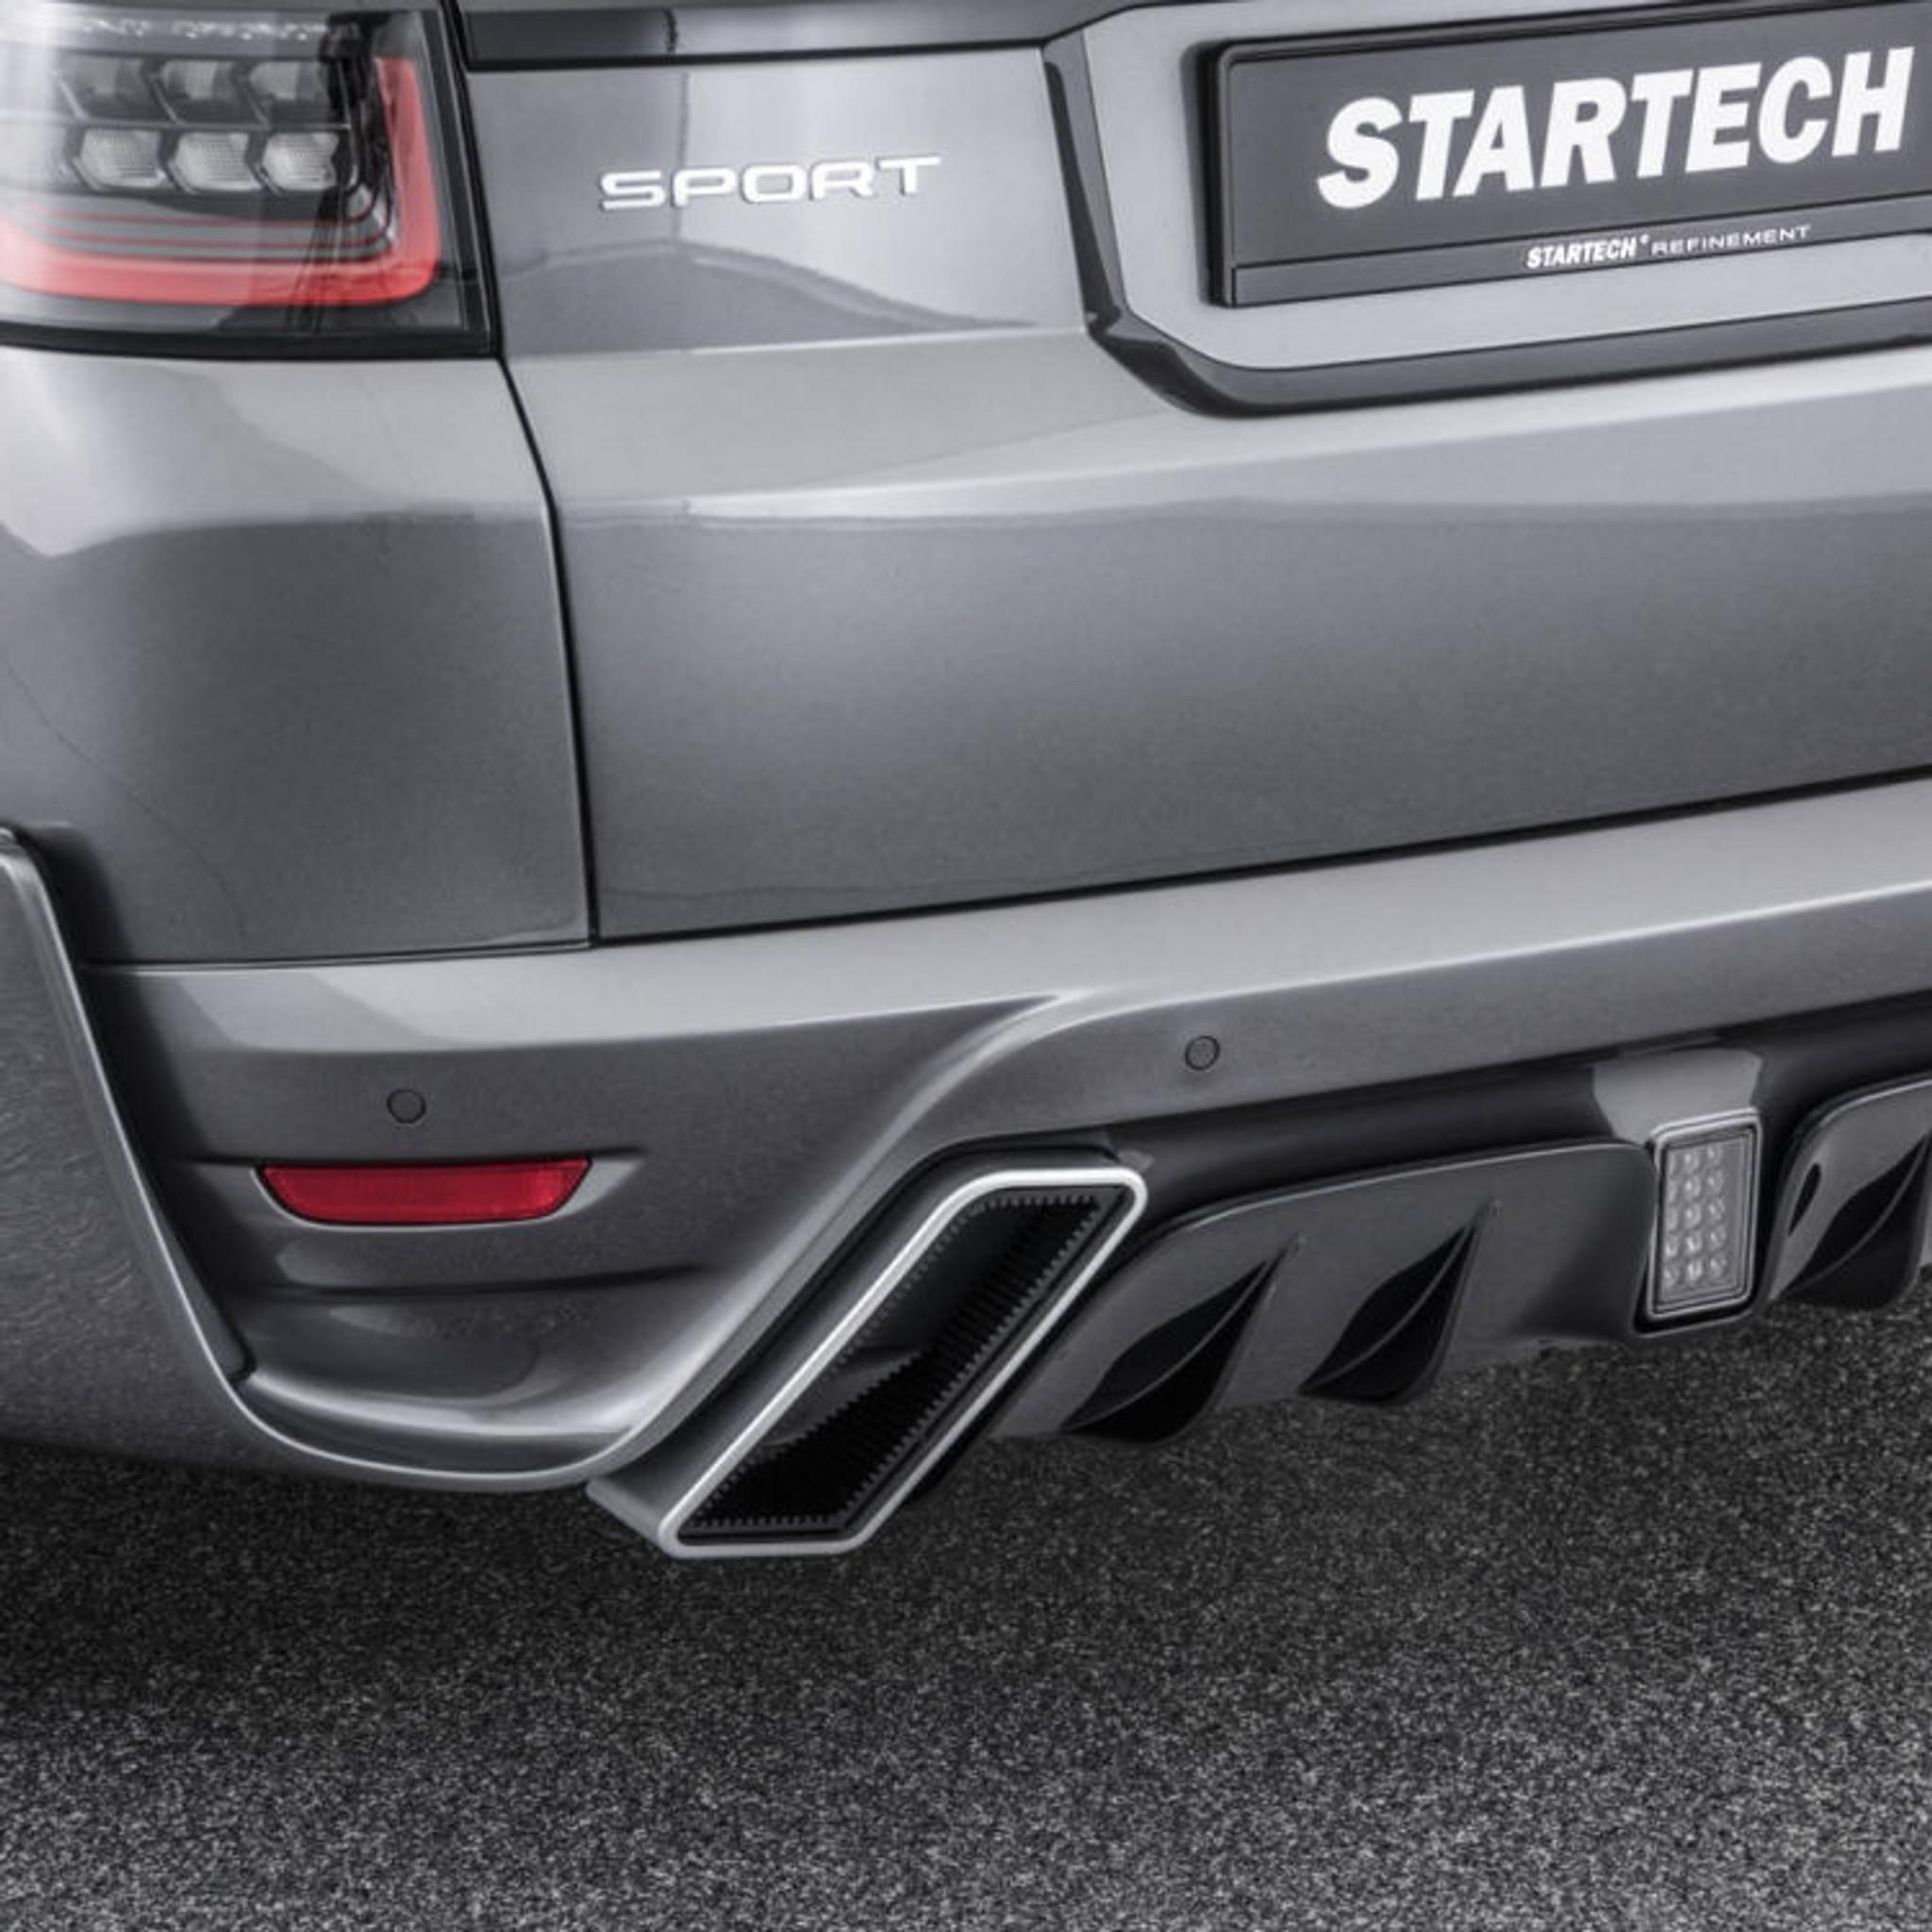 range rover sport 2018 startech rear bumper muffler tips